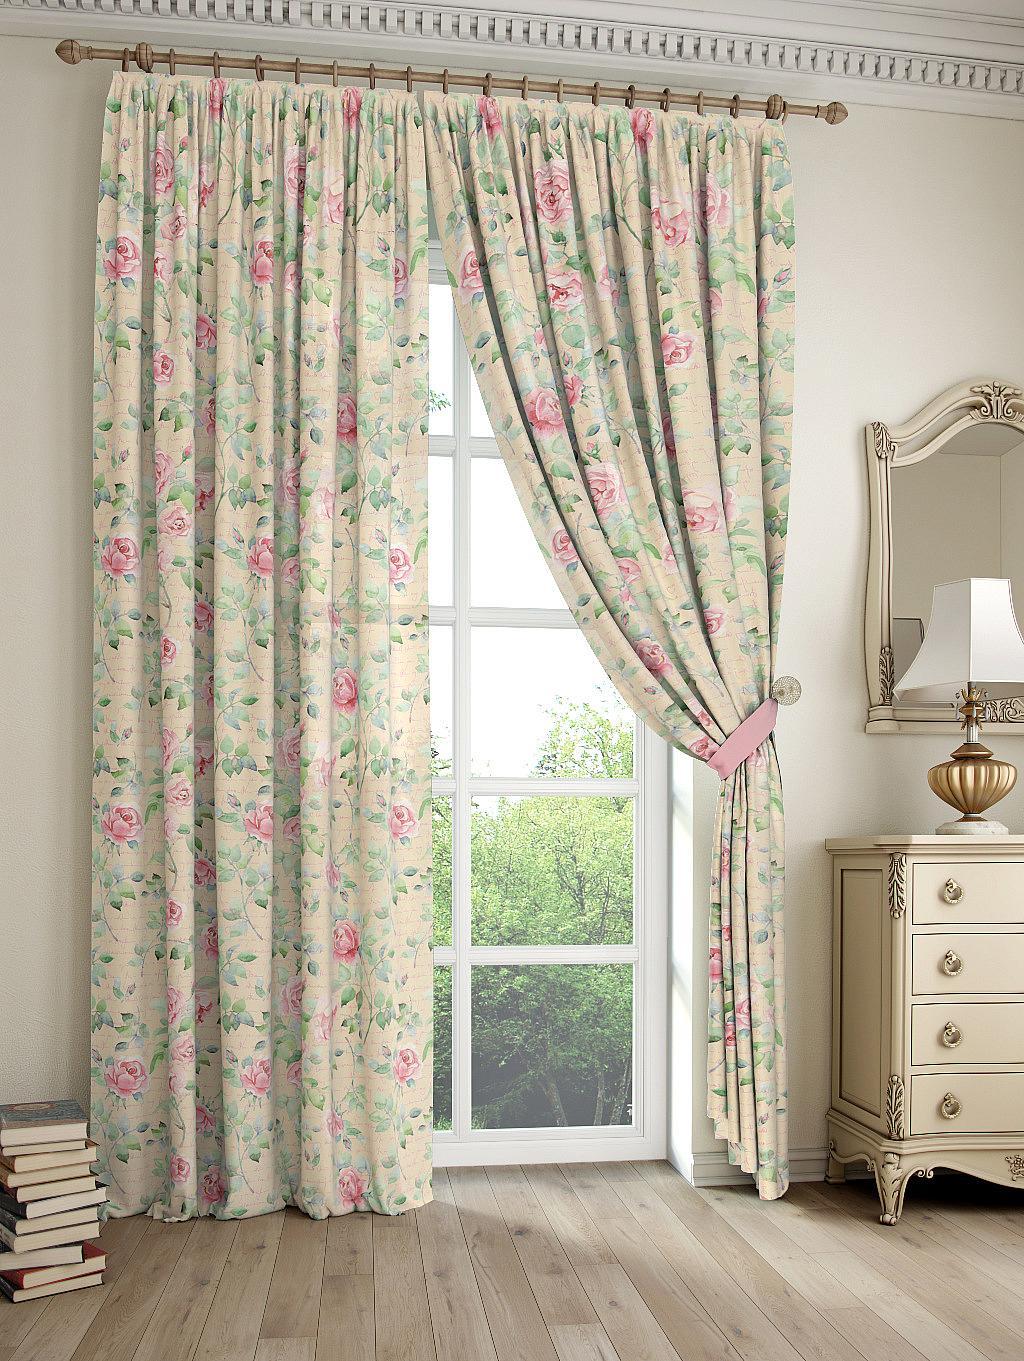 купить Комплект штор Томдом Жюли, бежевый, зеленый, розовый по цене 4415 рублей